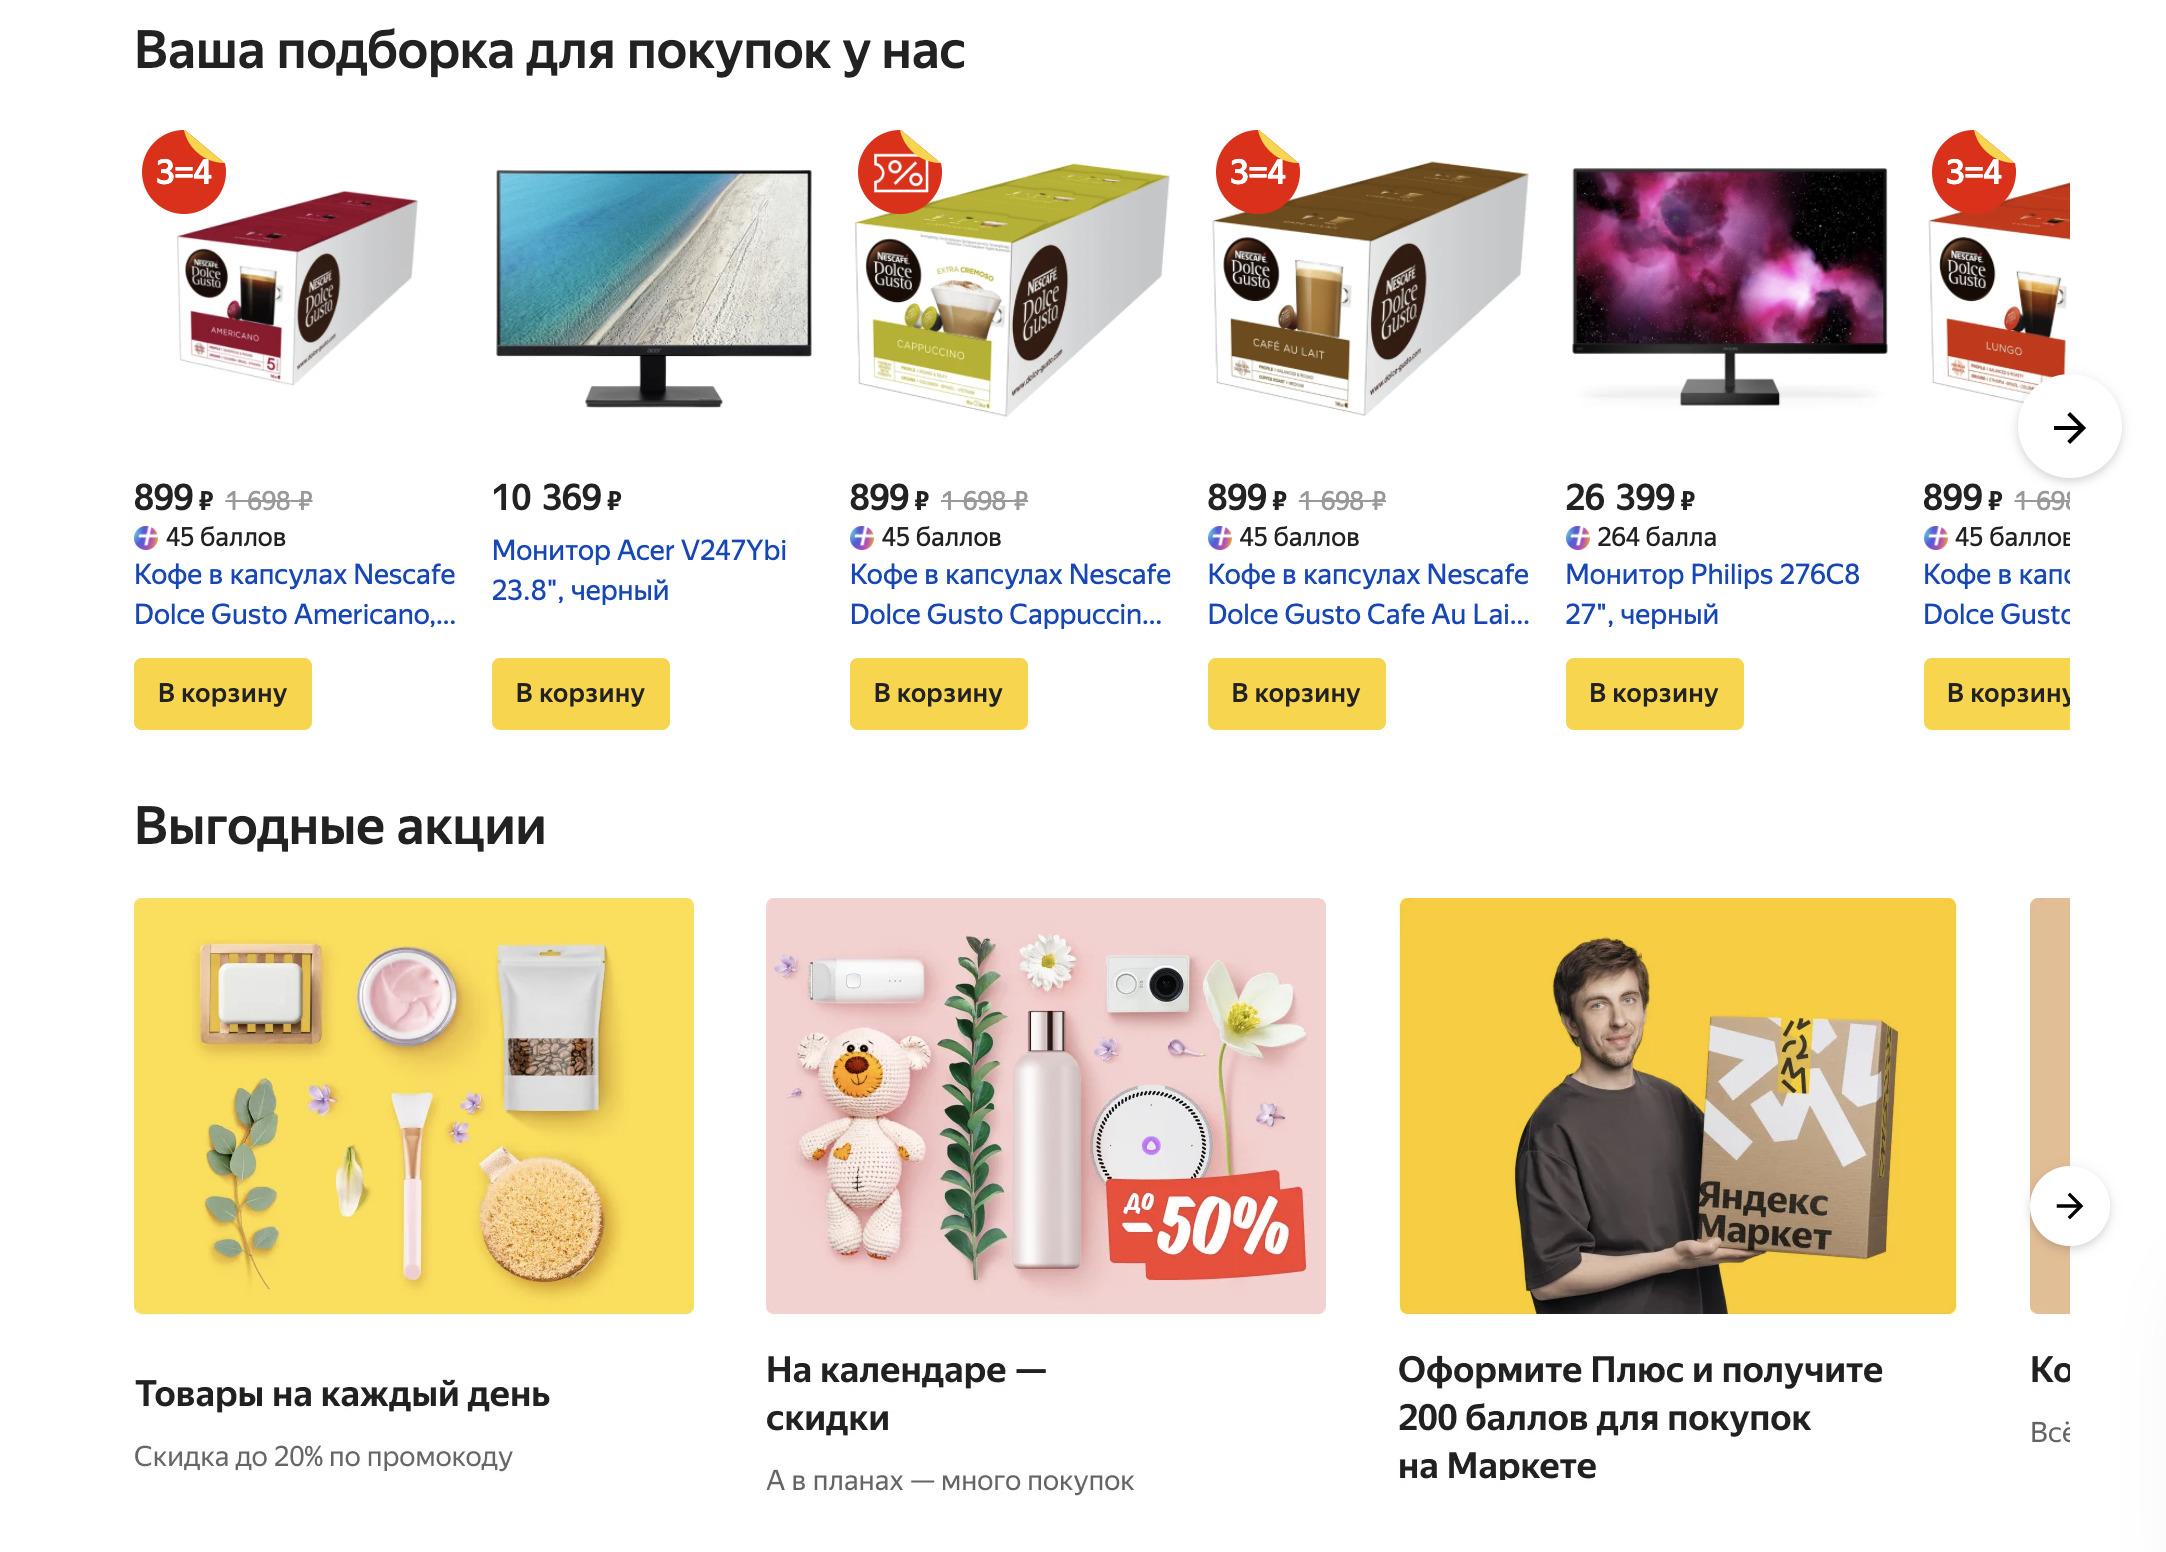 Доставка из Яндекс.Маркет в Щелково, сроки, пункты выдачи, каталог